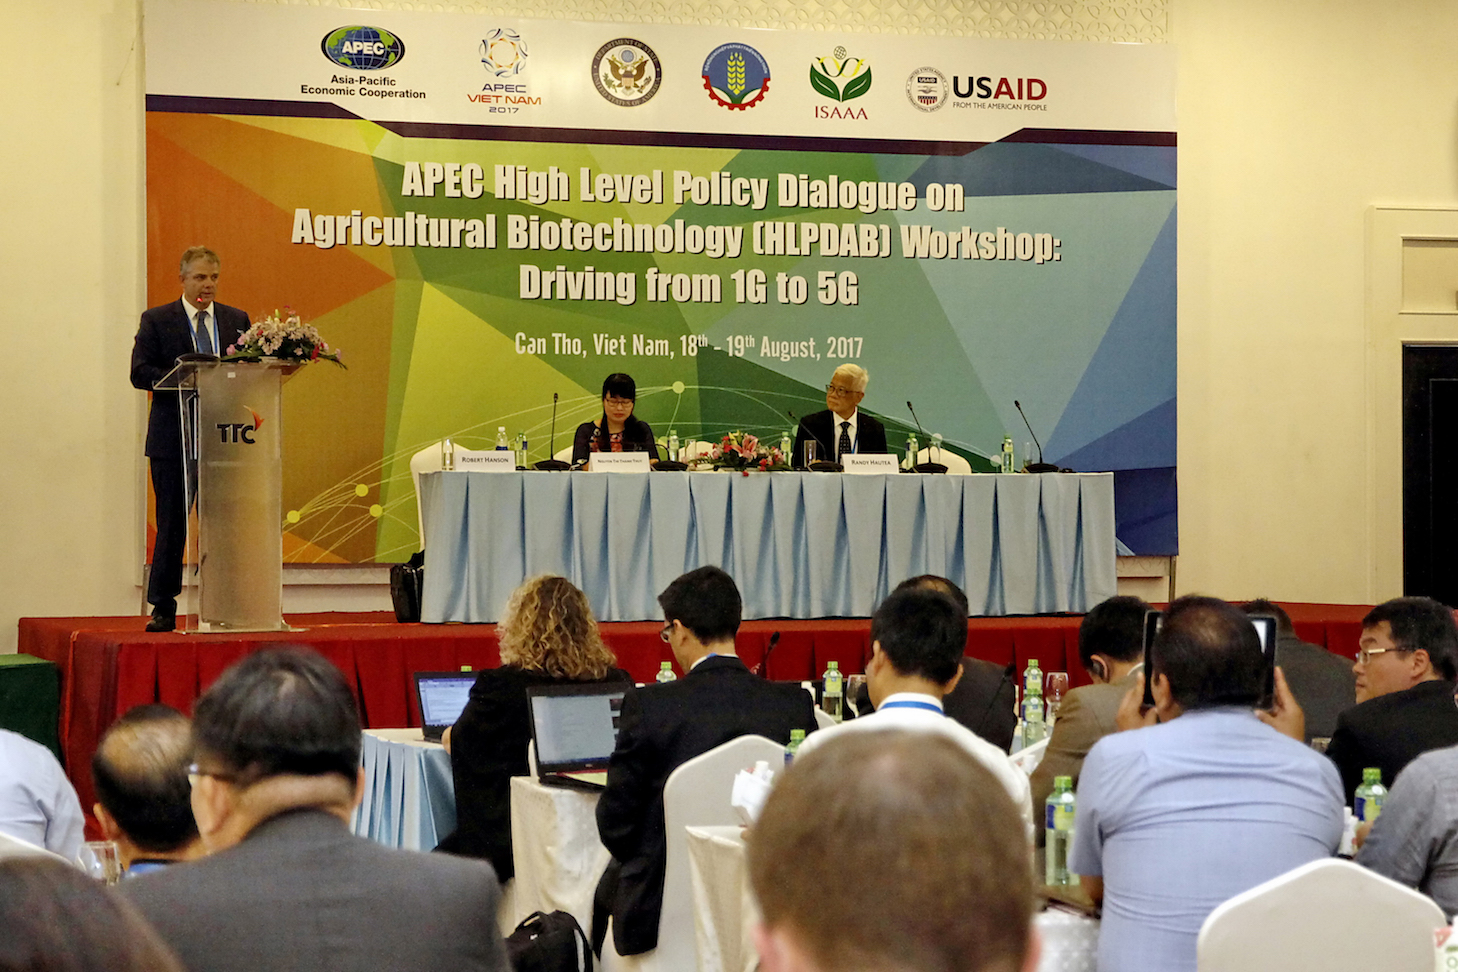 APEC 2017: Công nghệ sinh học và vấn đề đảm bảo an ninh lương thực bền vững